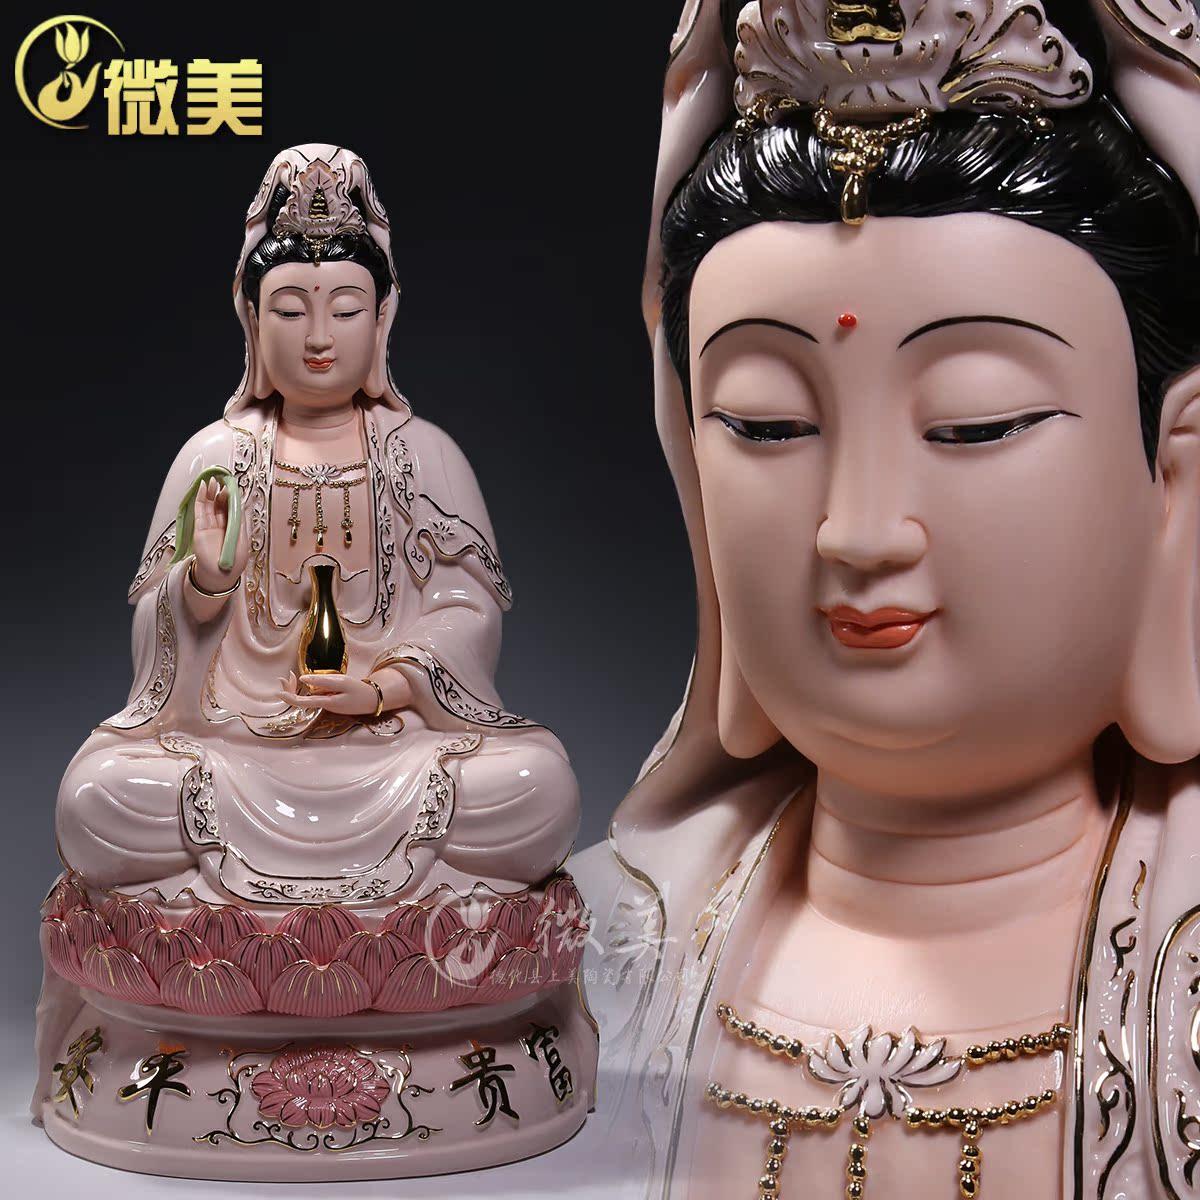 德化陶瓷多尺吋坐莲观音白色粉色观音像 佛像菩萨批发